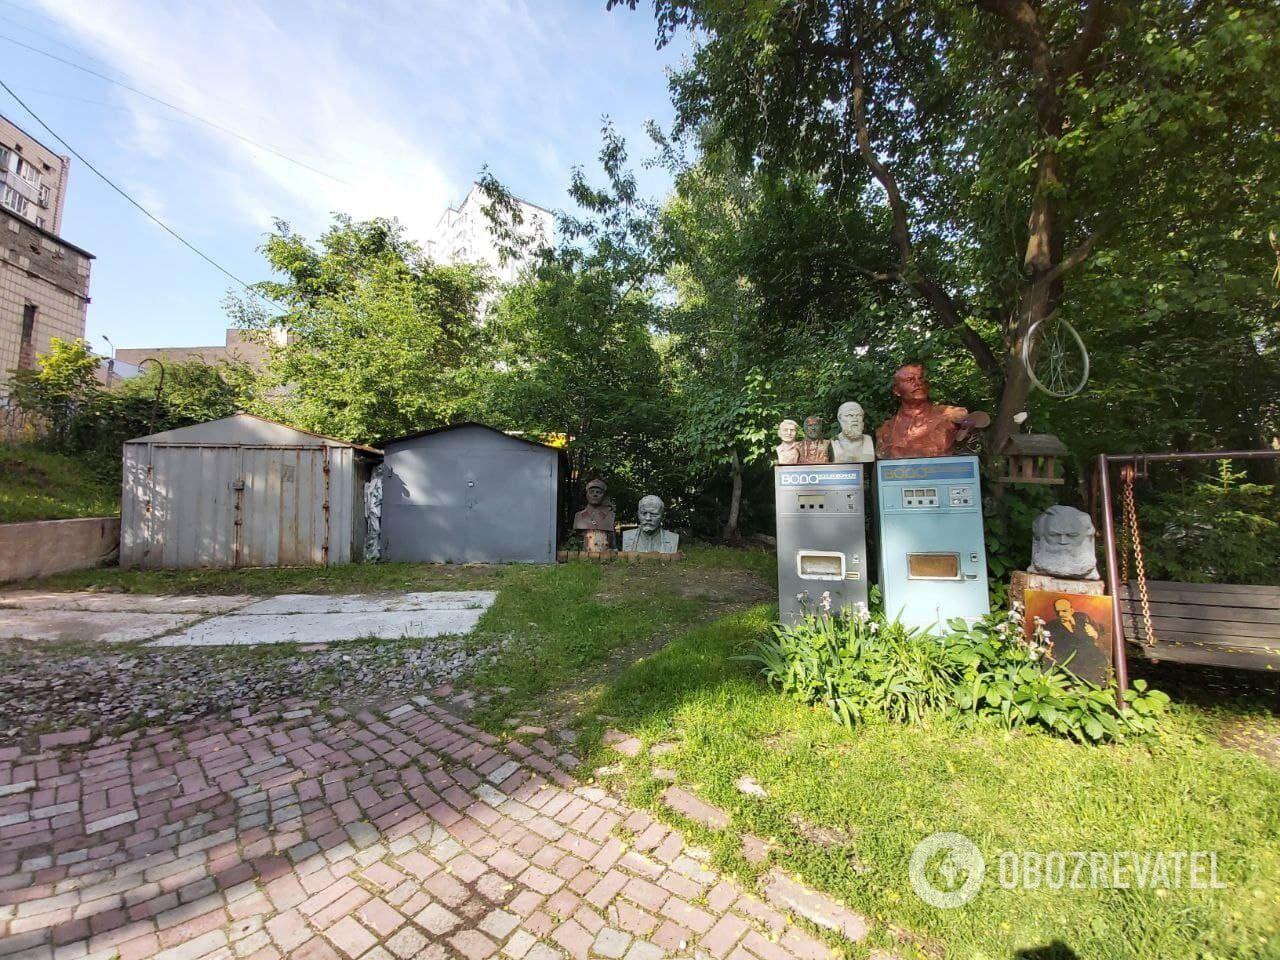 Двір у Києві перетворили на музей під відкритим небом